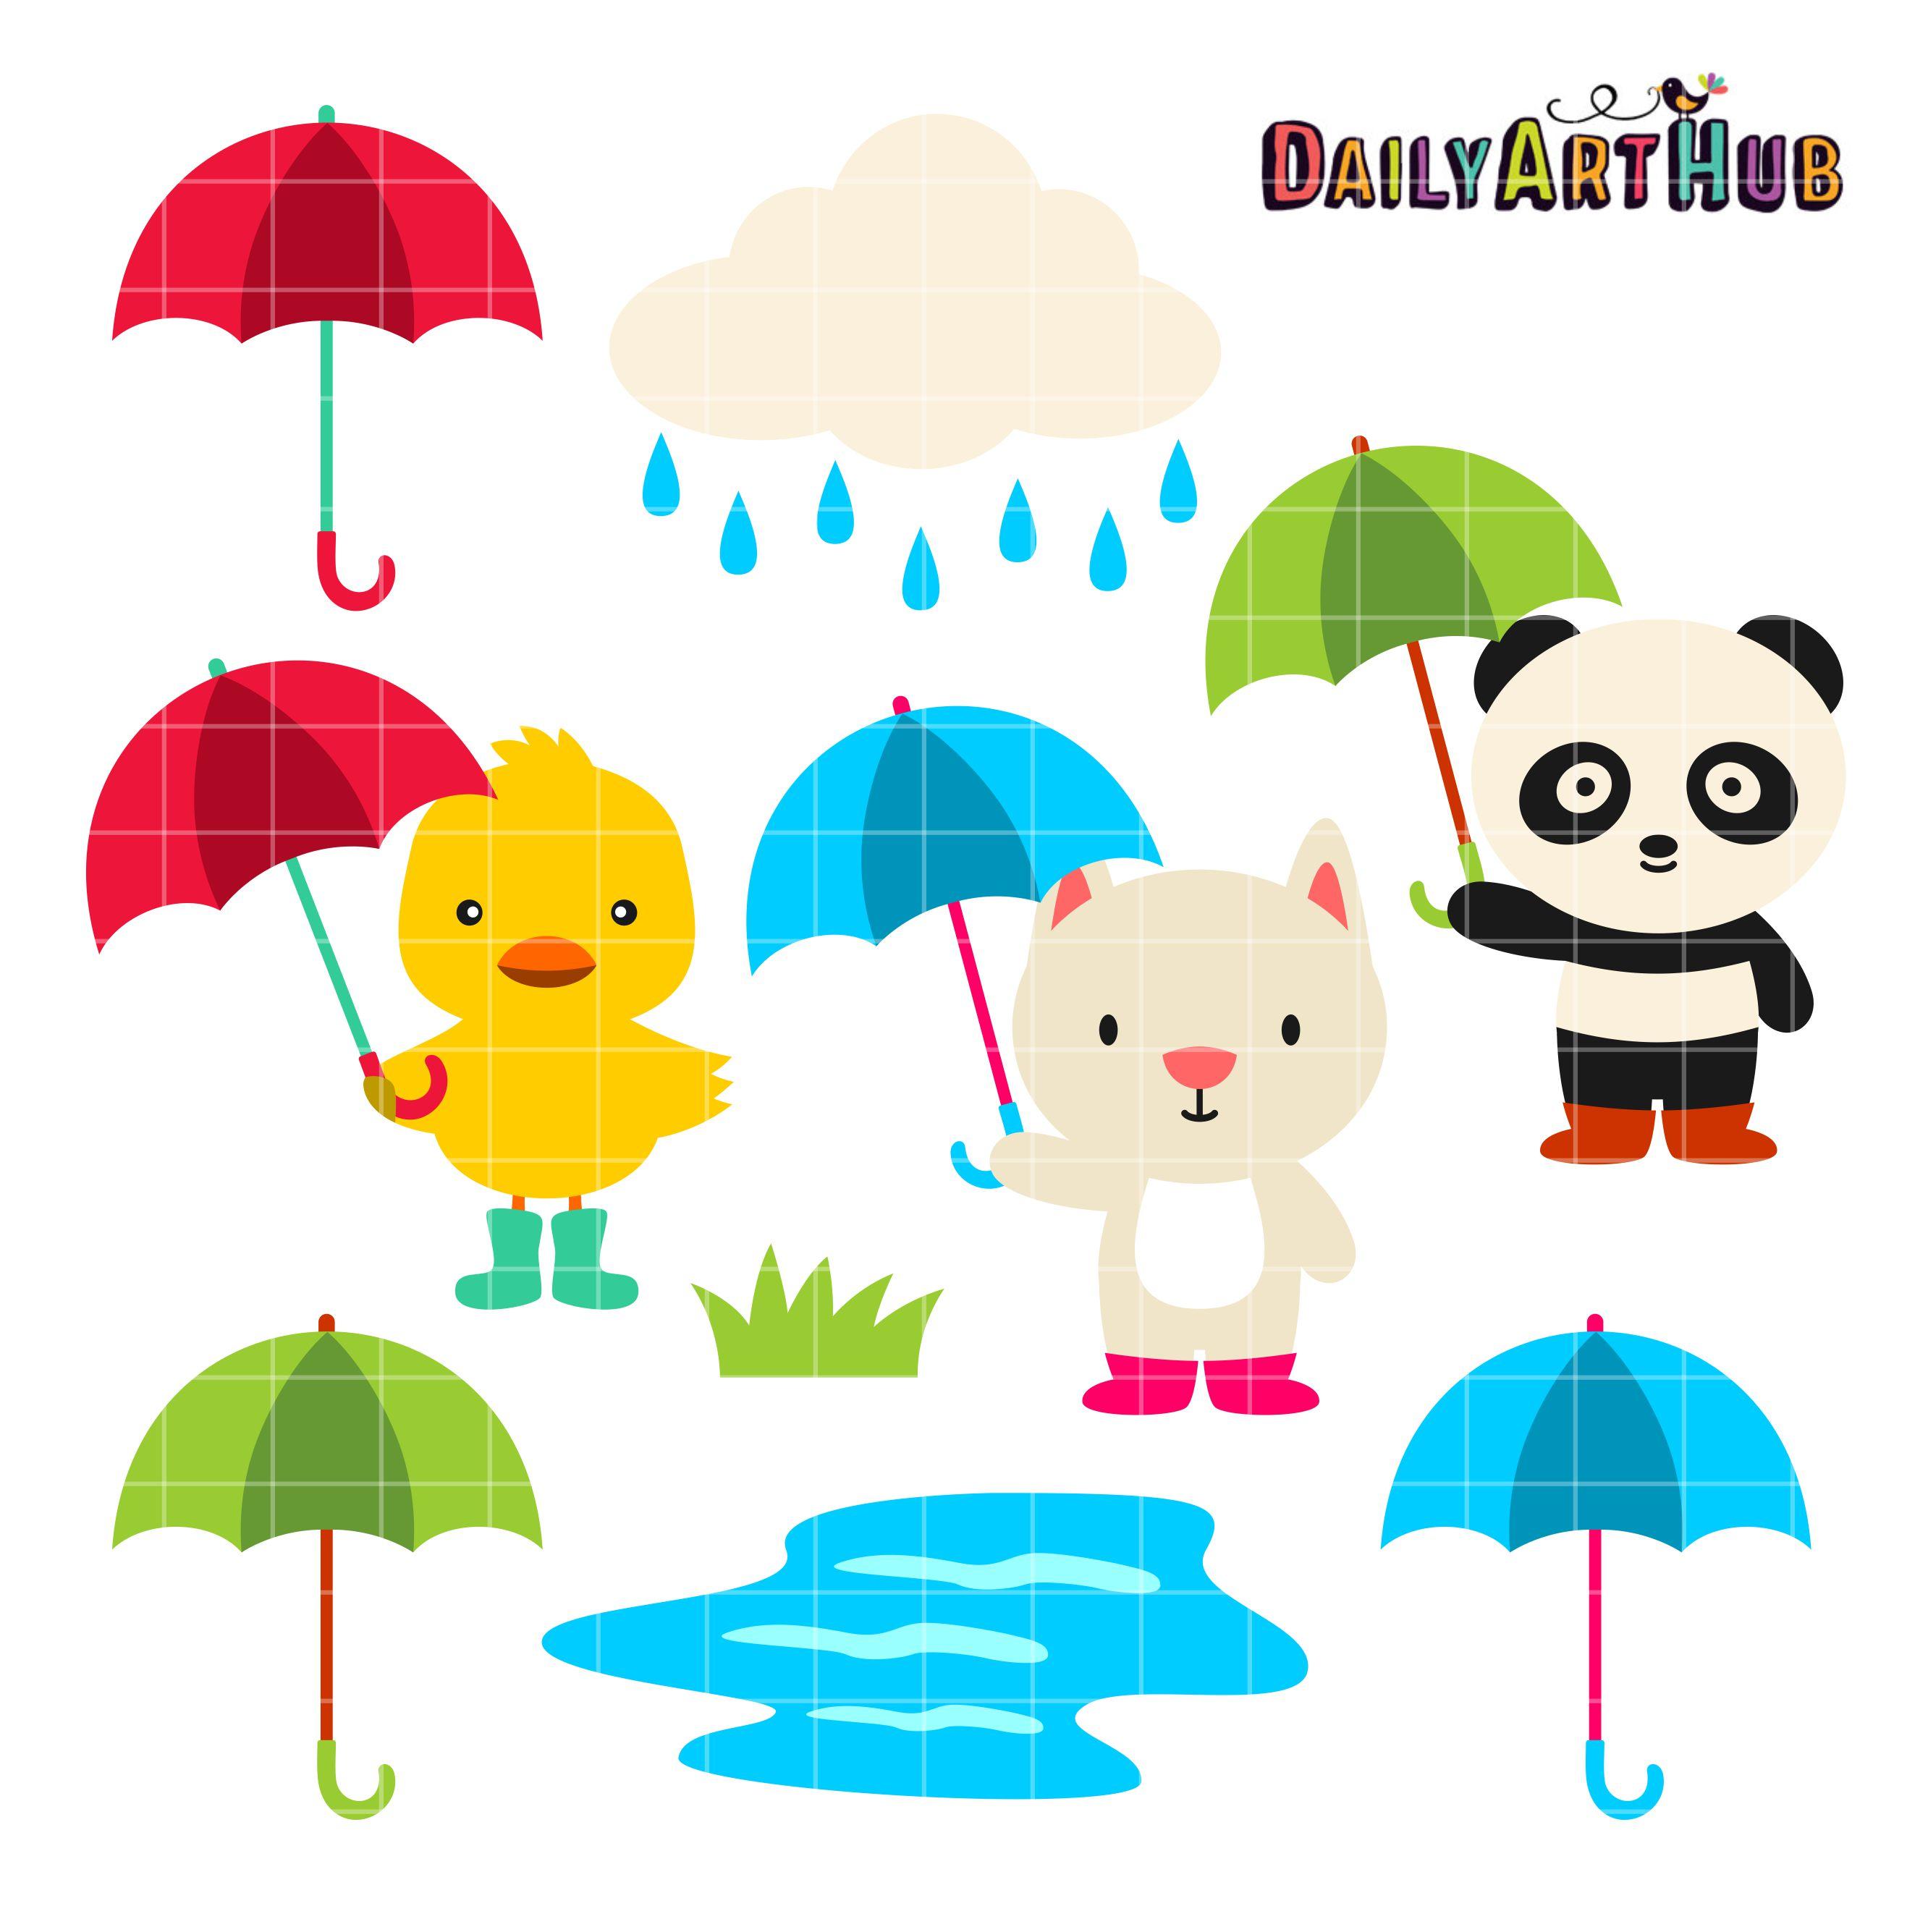 999x555 151kb Jpeg: Rainy Day Clip Art